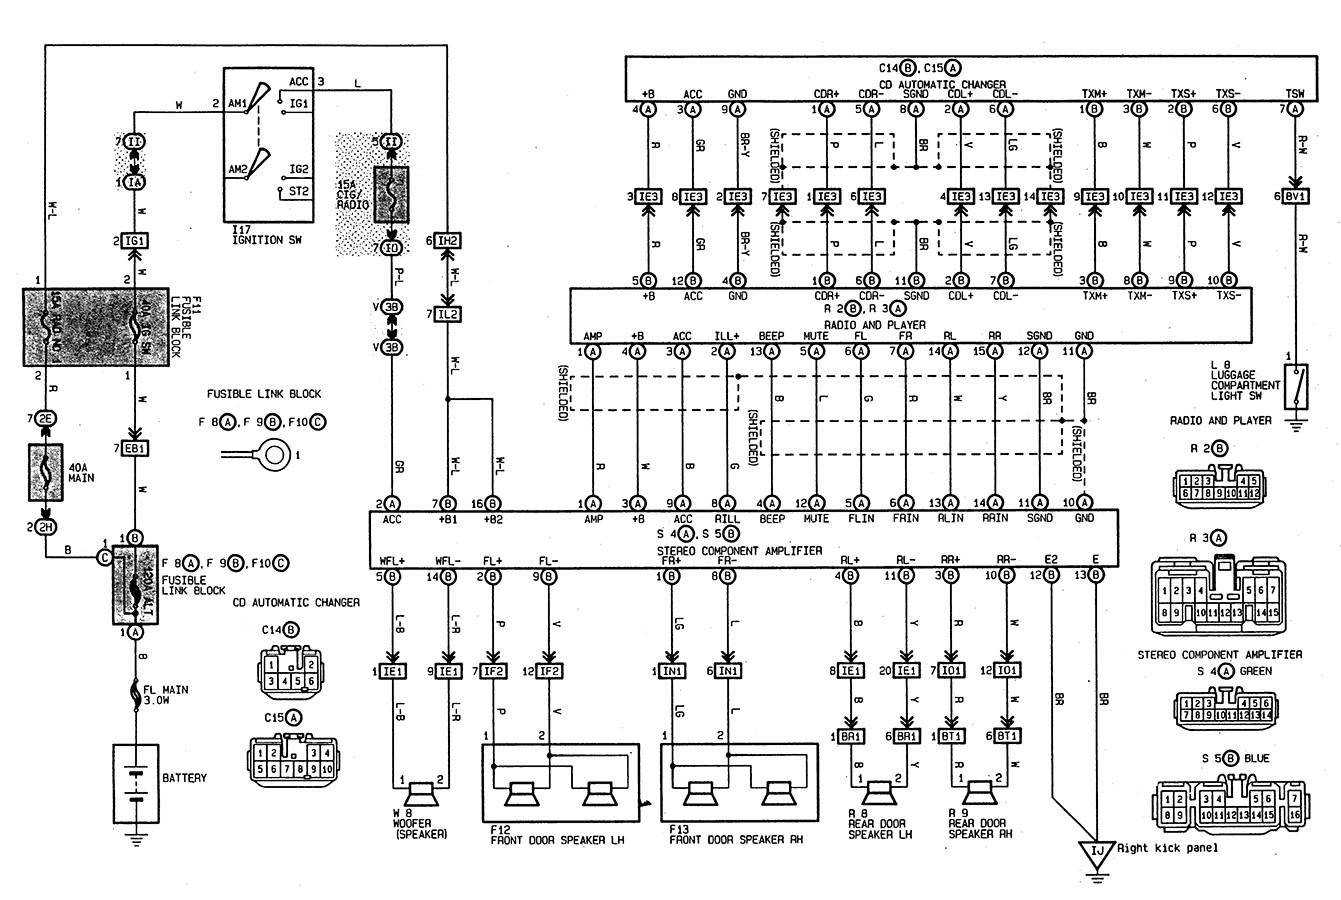 hight resolution of 2002 toyota 4runner stereo wiring diagram wiring diagram image toyota 4runner engine diagram 1997 toyota 4runner